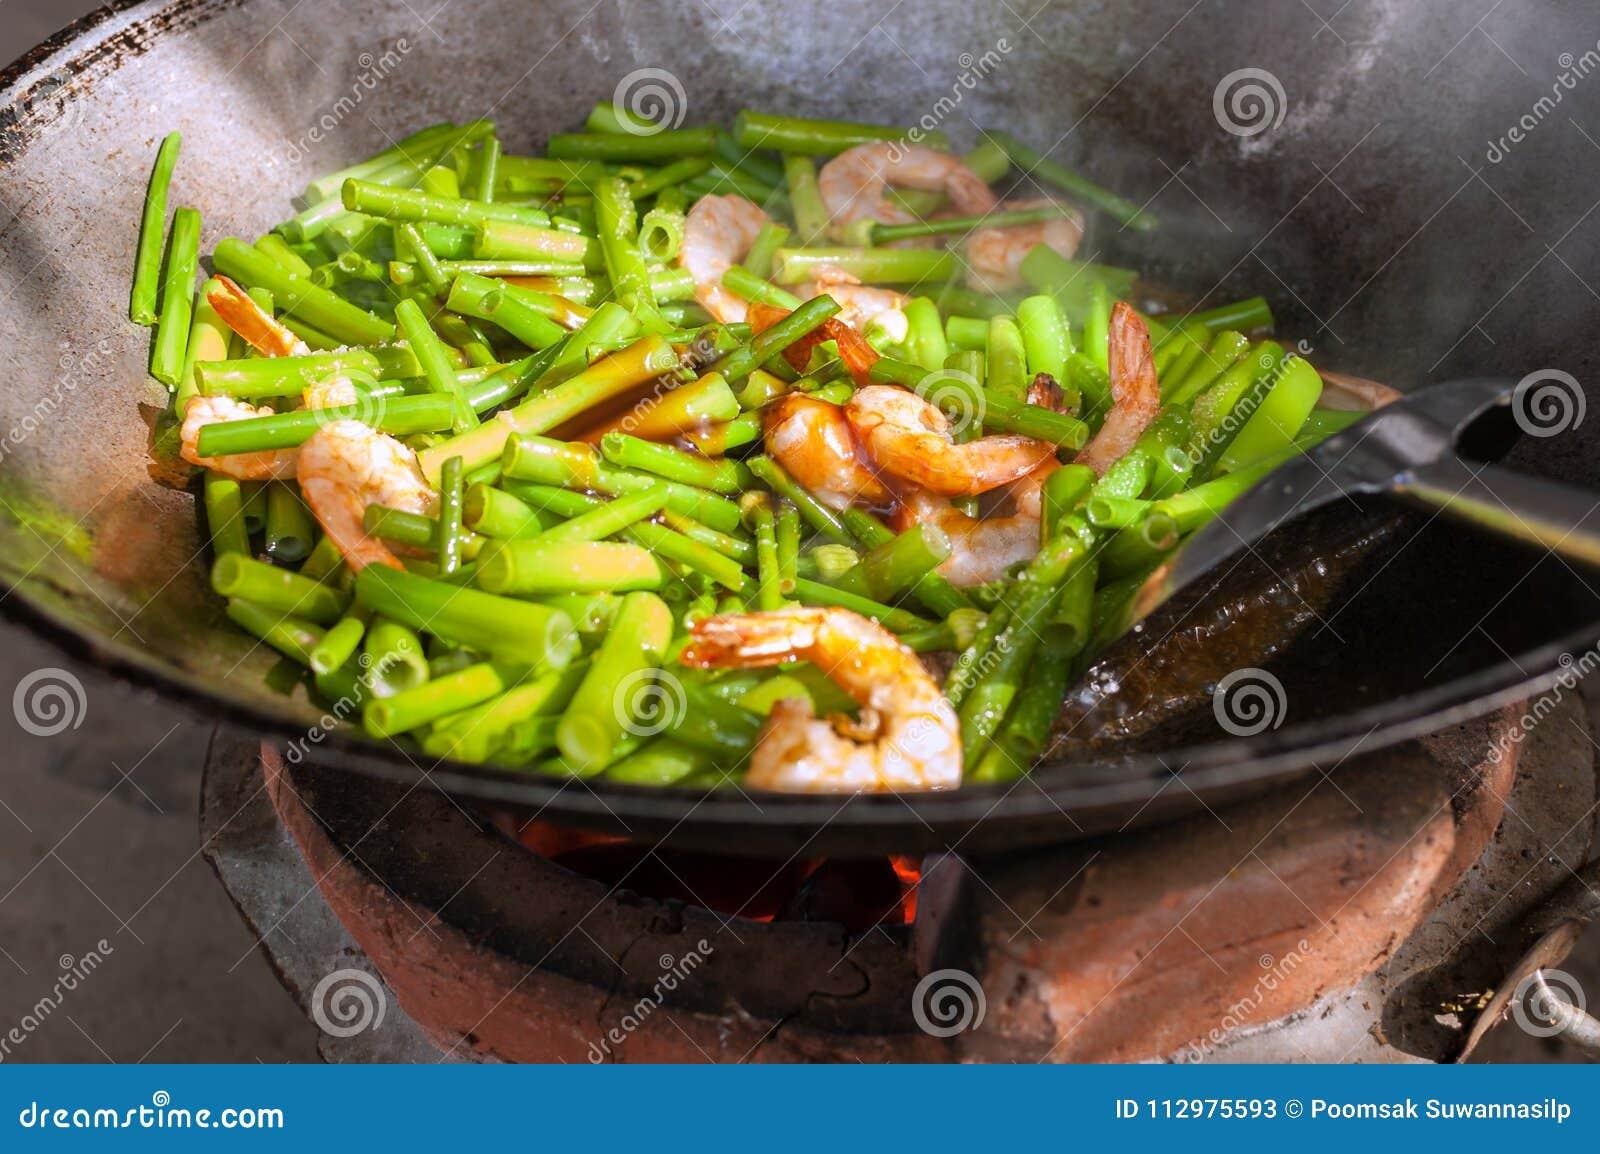 Stir-Fried Onion Flowers with shrimp.